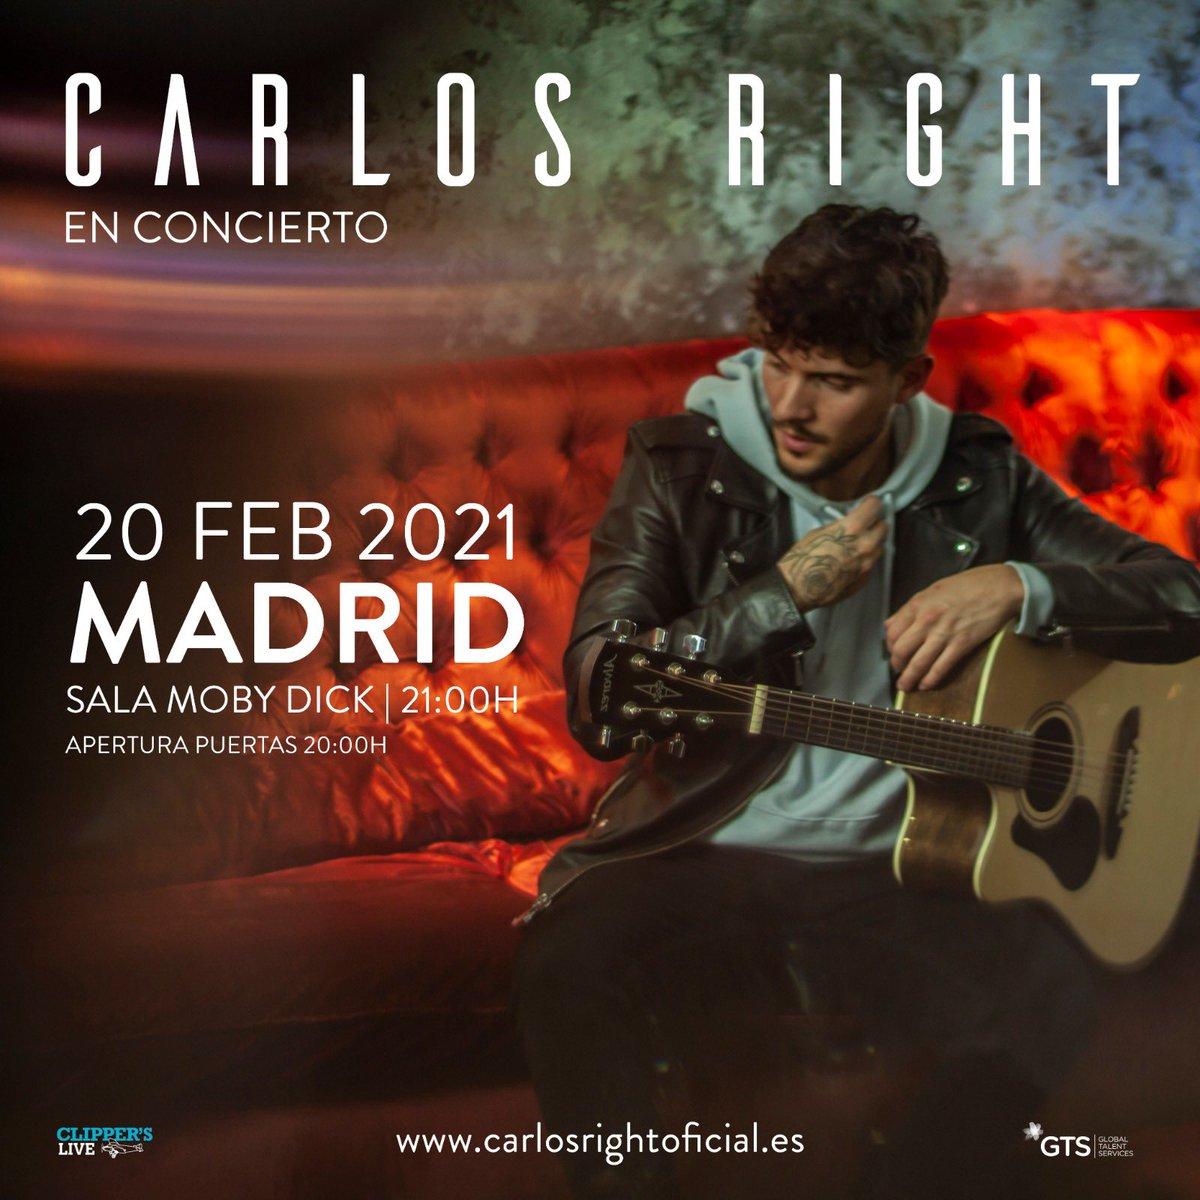 Madrid qué ganas de enseñaros en directo la nueva música que vendrá durante estos meses...❤️